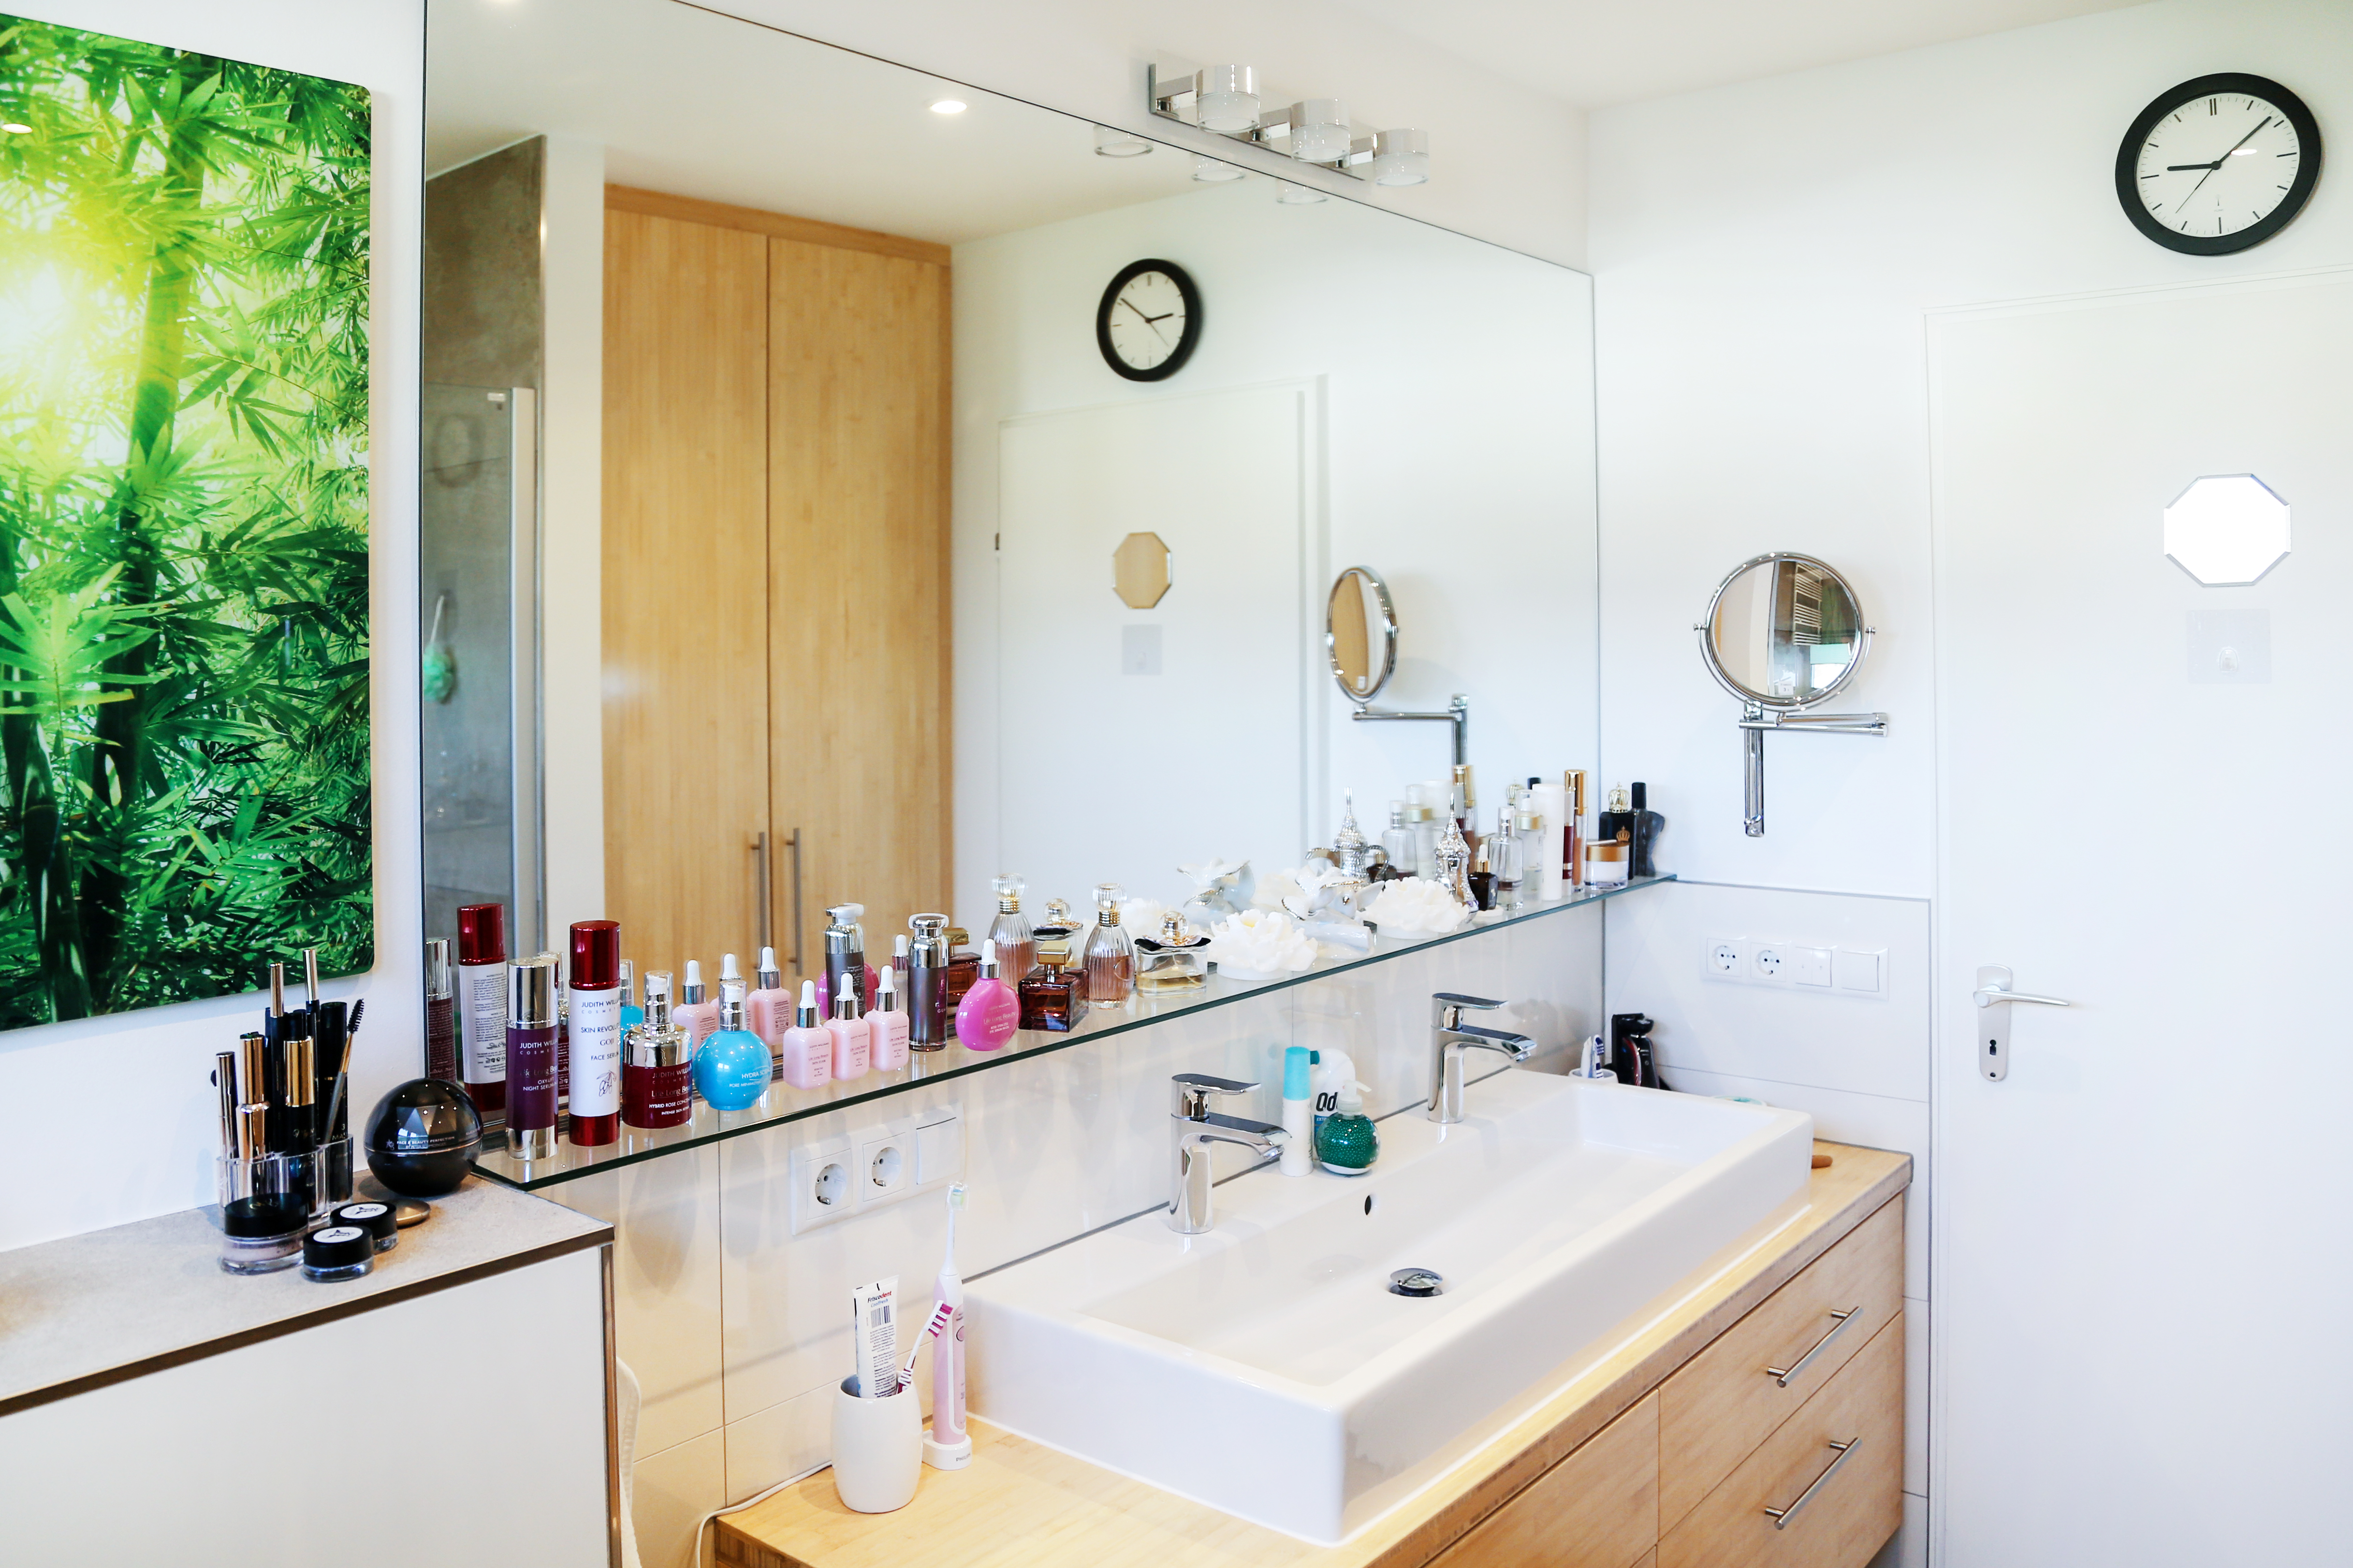 Sanierung eines Badezimmers in Birkenheide – Einer.Alles.Sauber ...